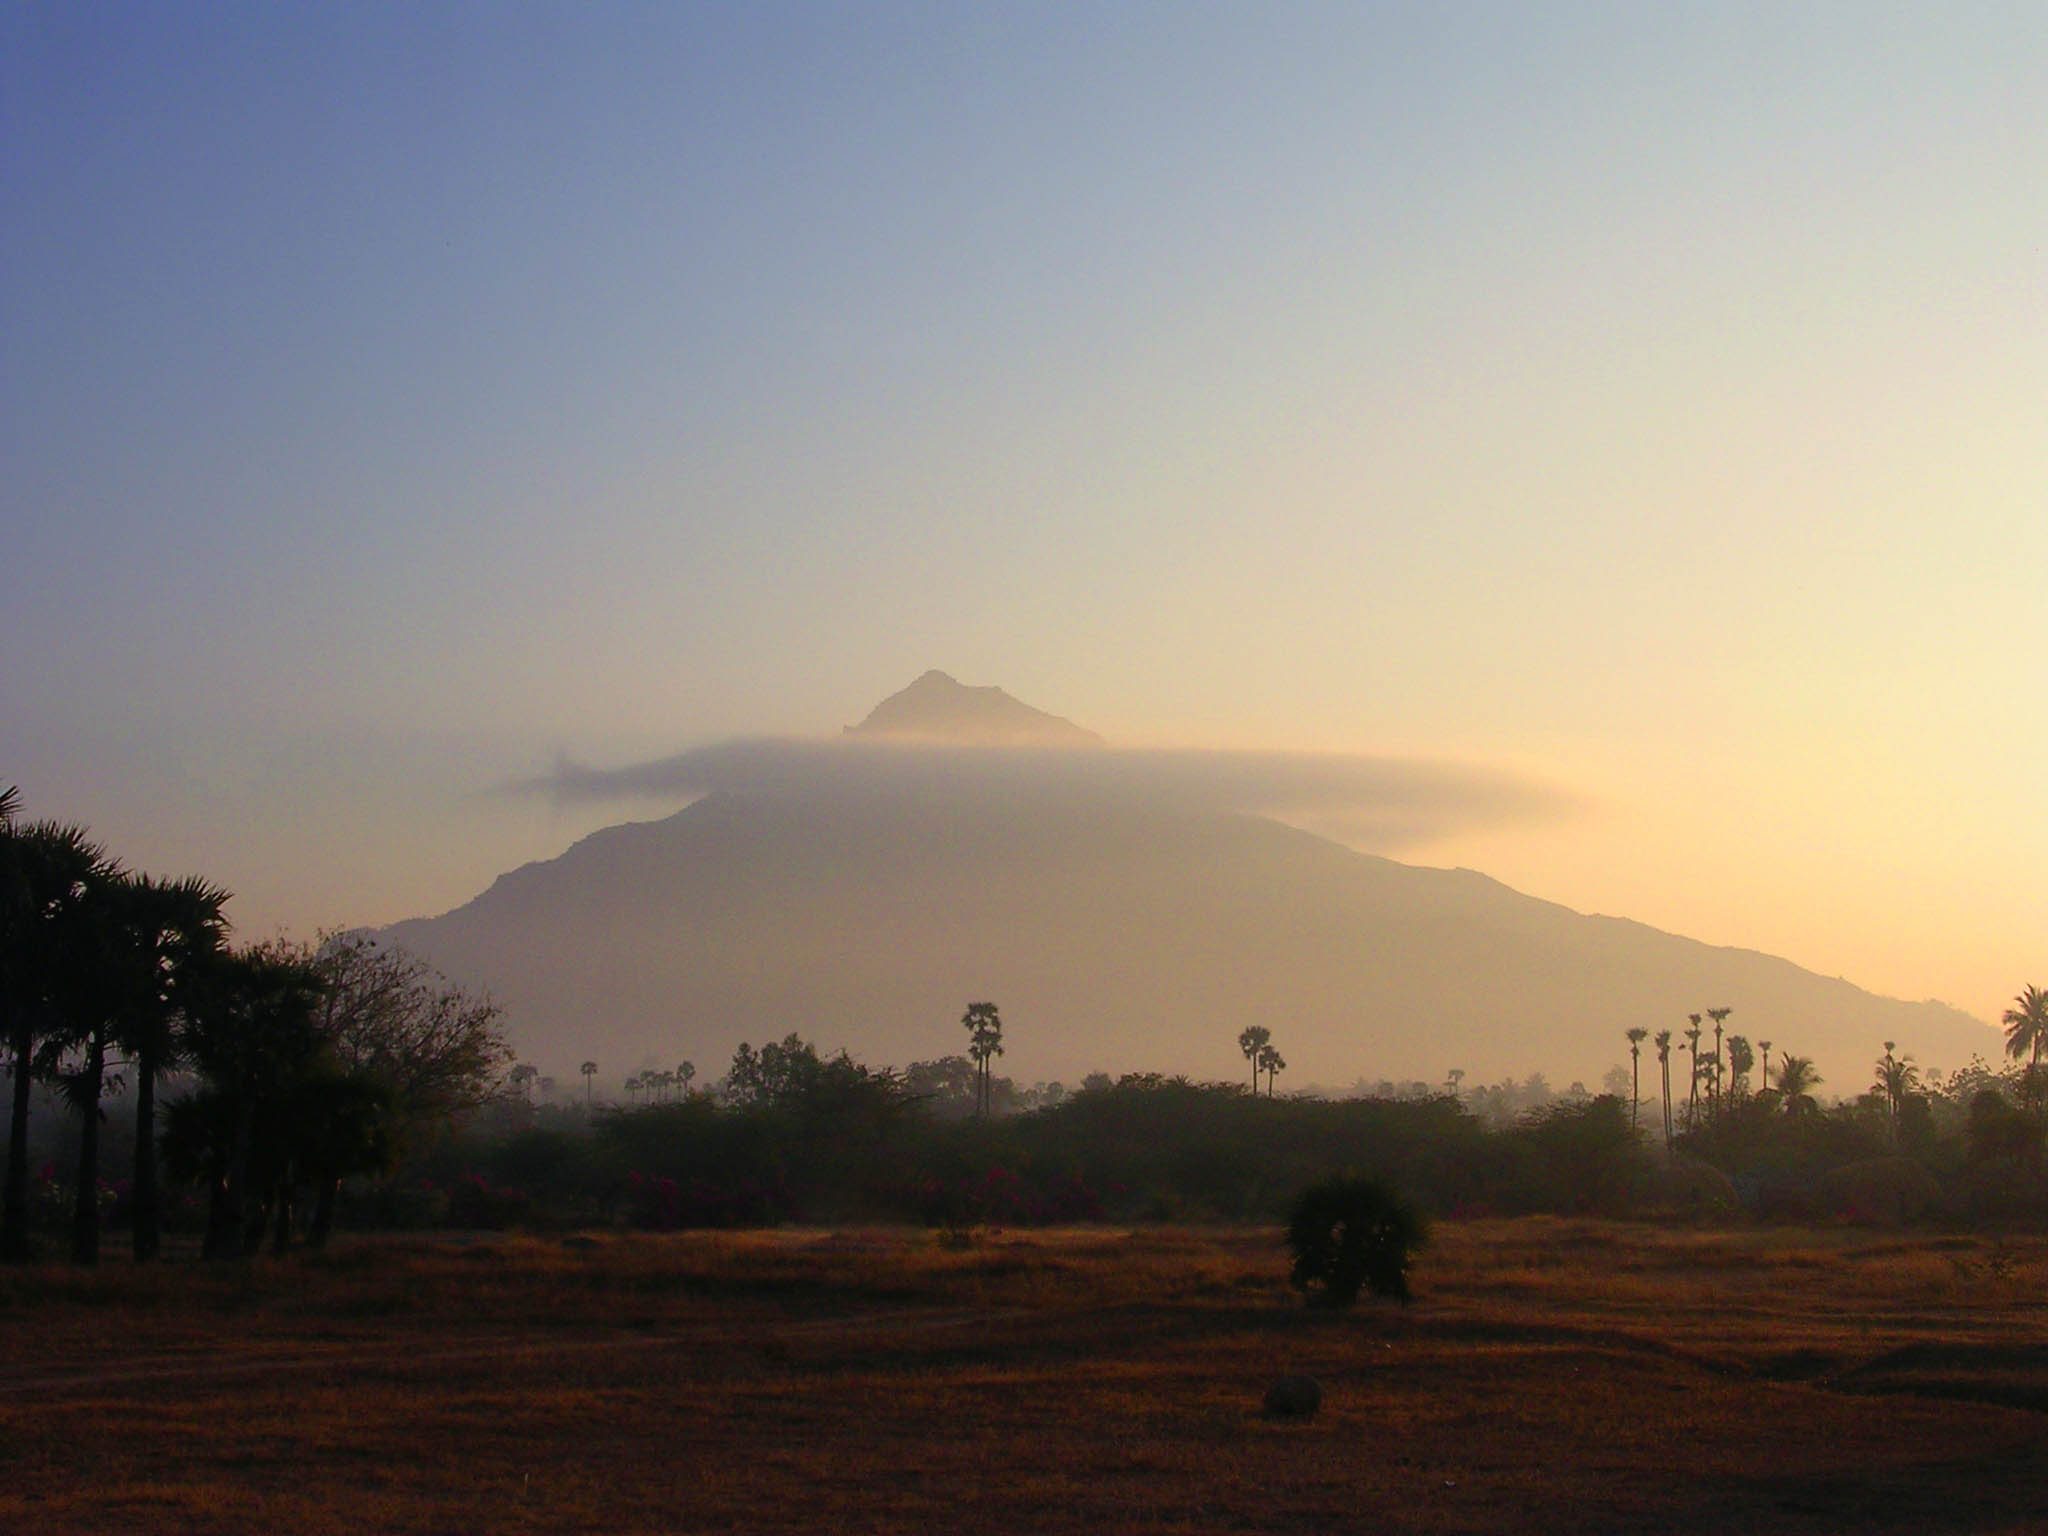 montagna arunachala